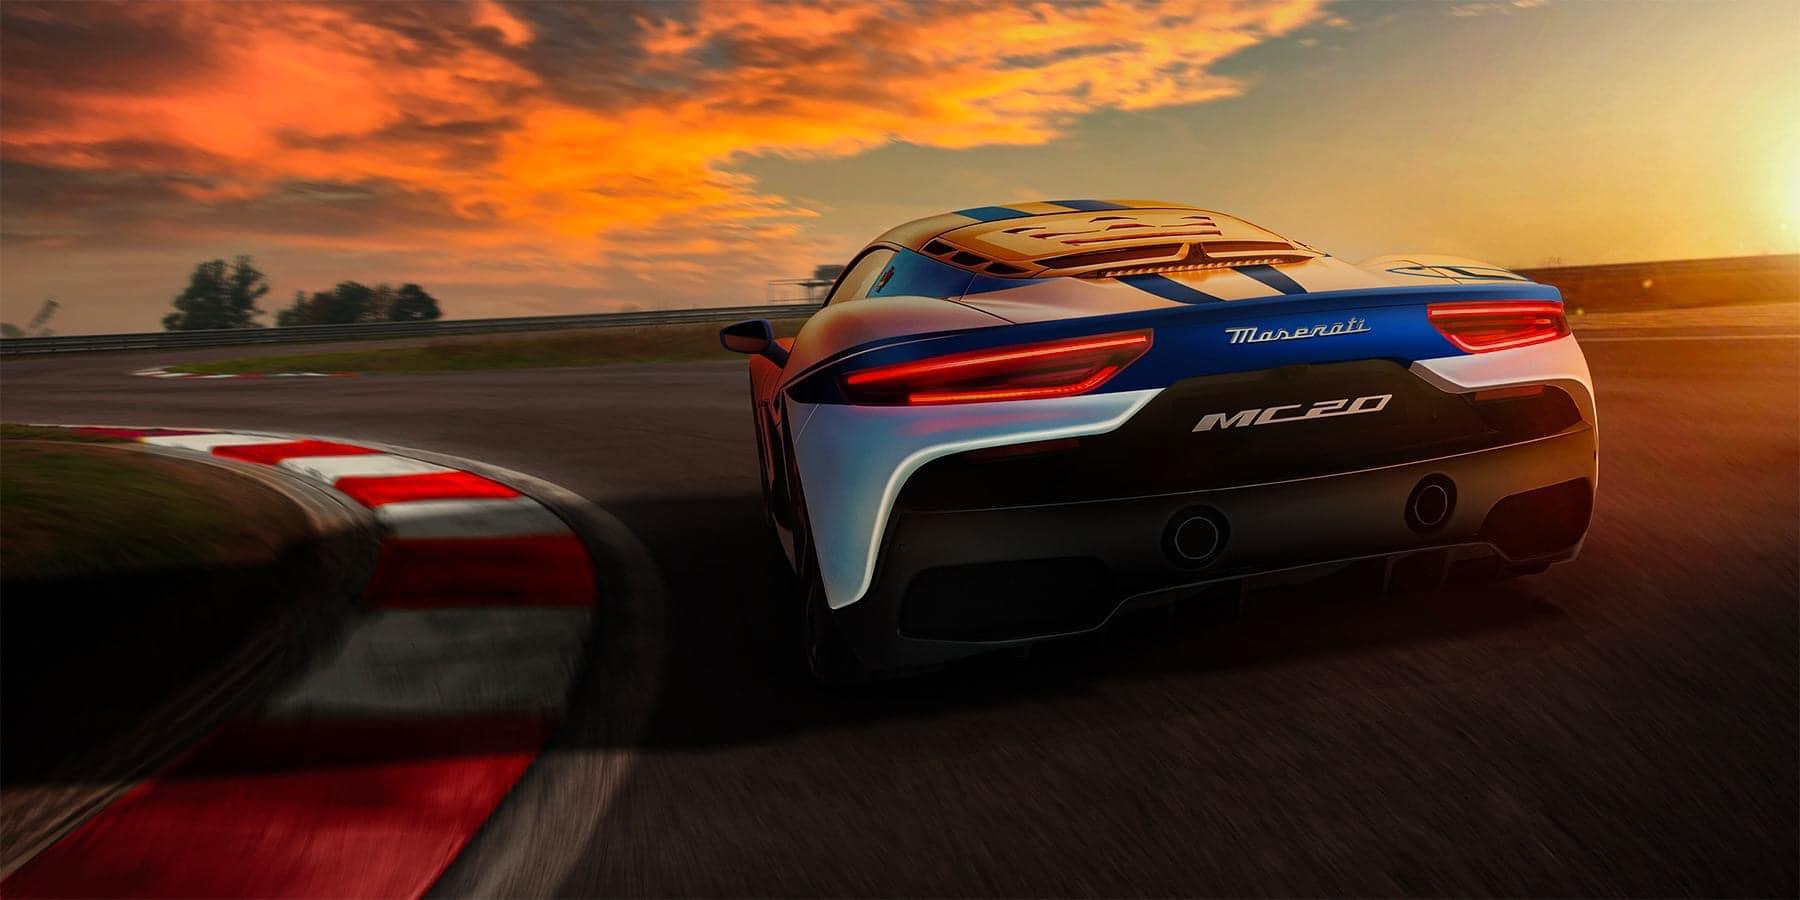 Đuôi Xe Maserati MC20 Model 2020